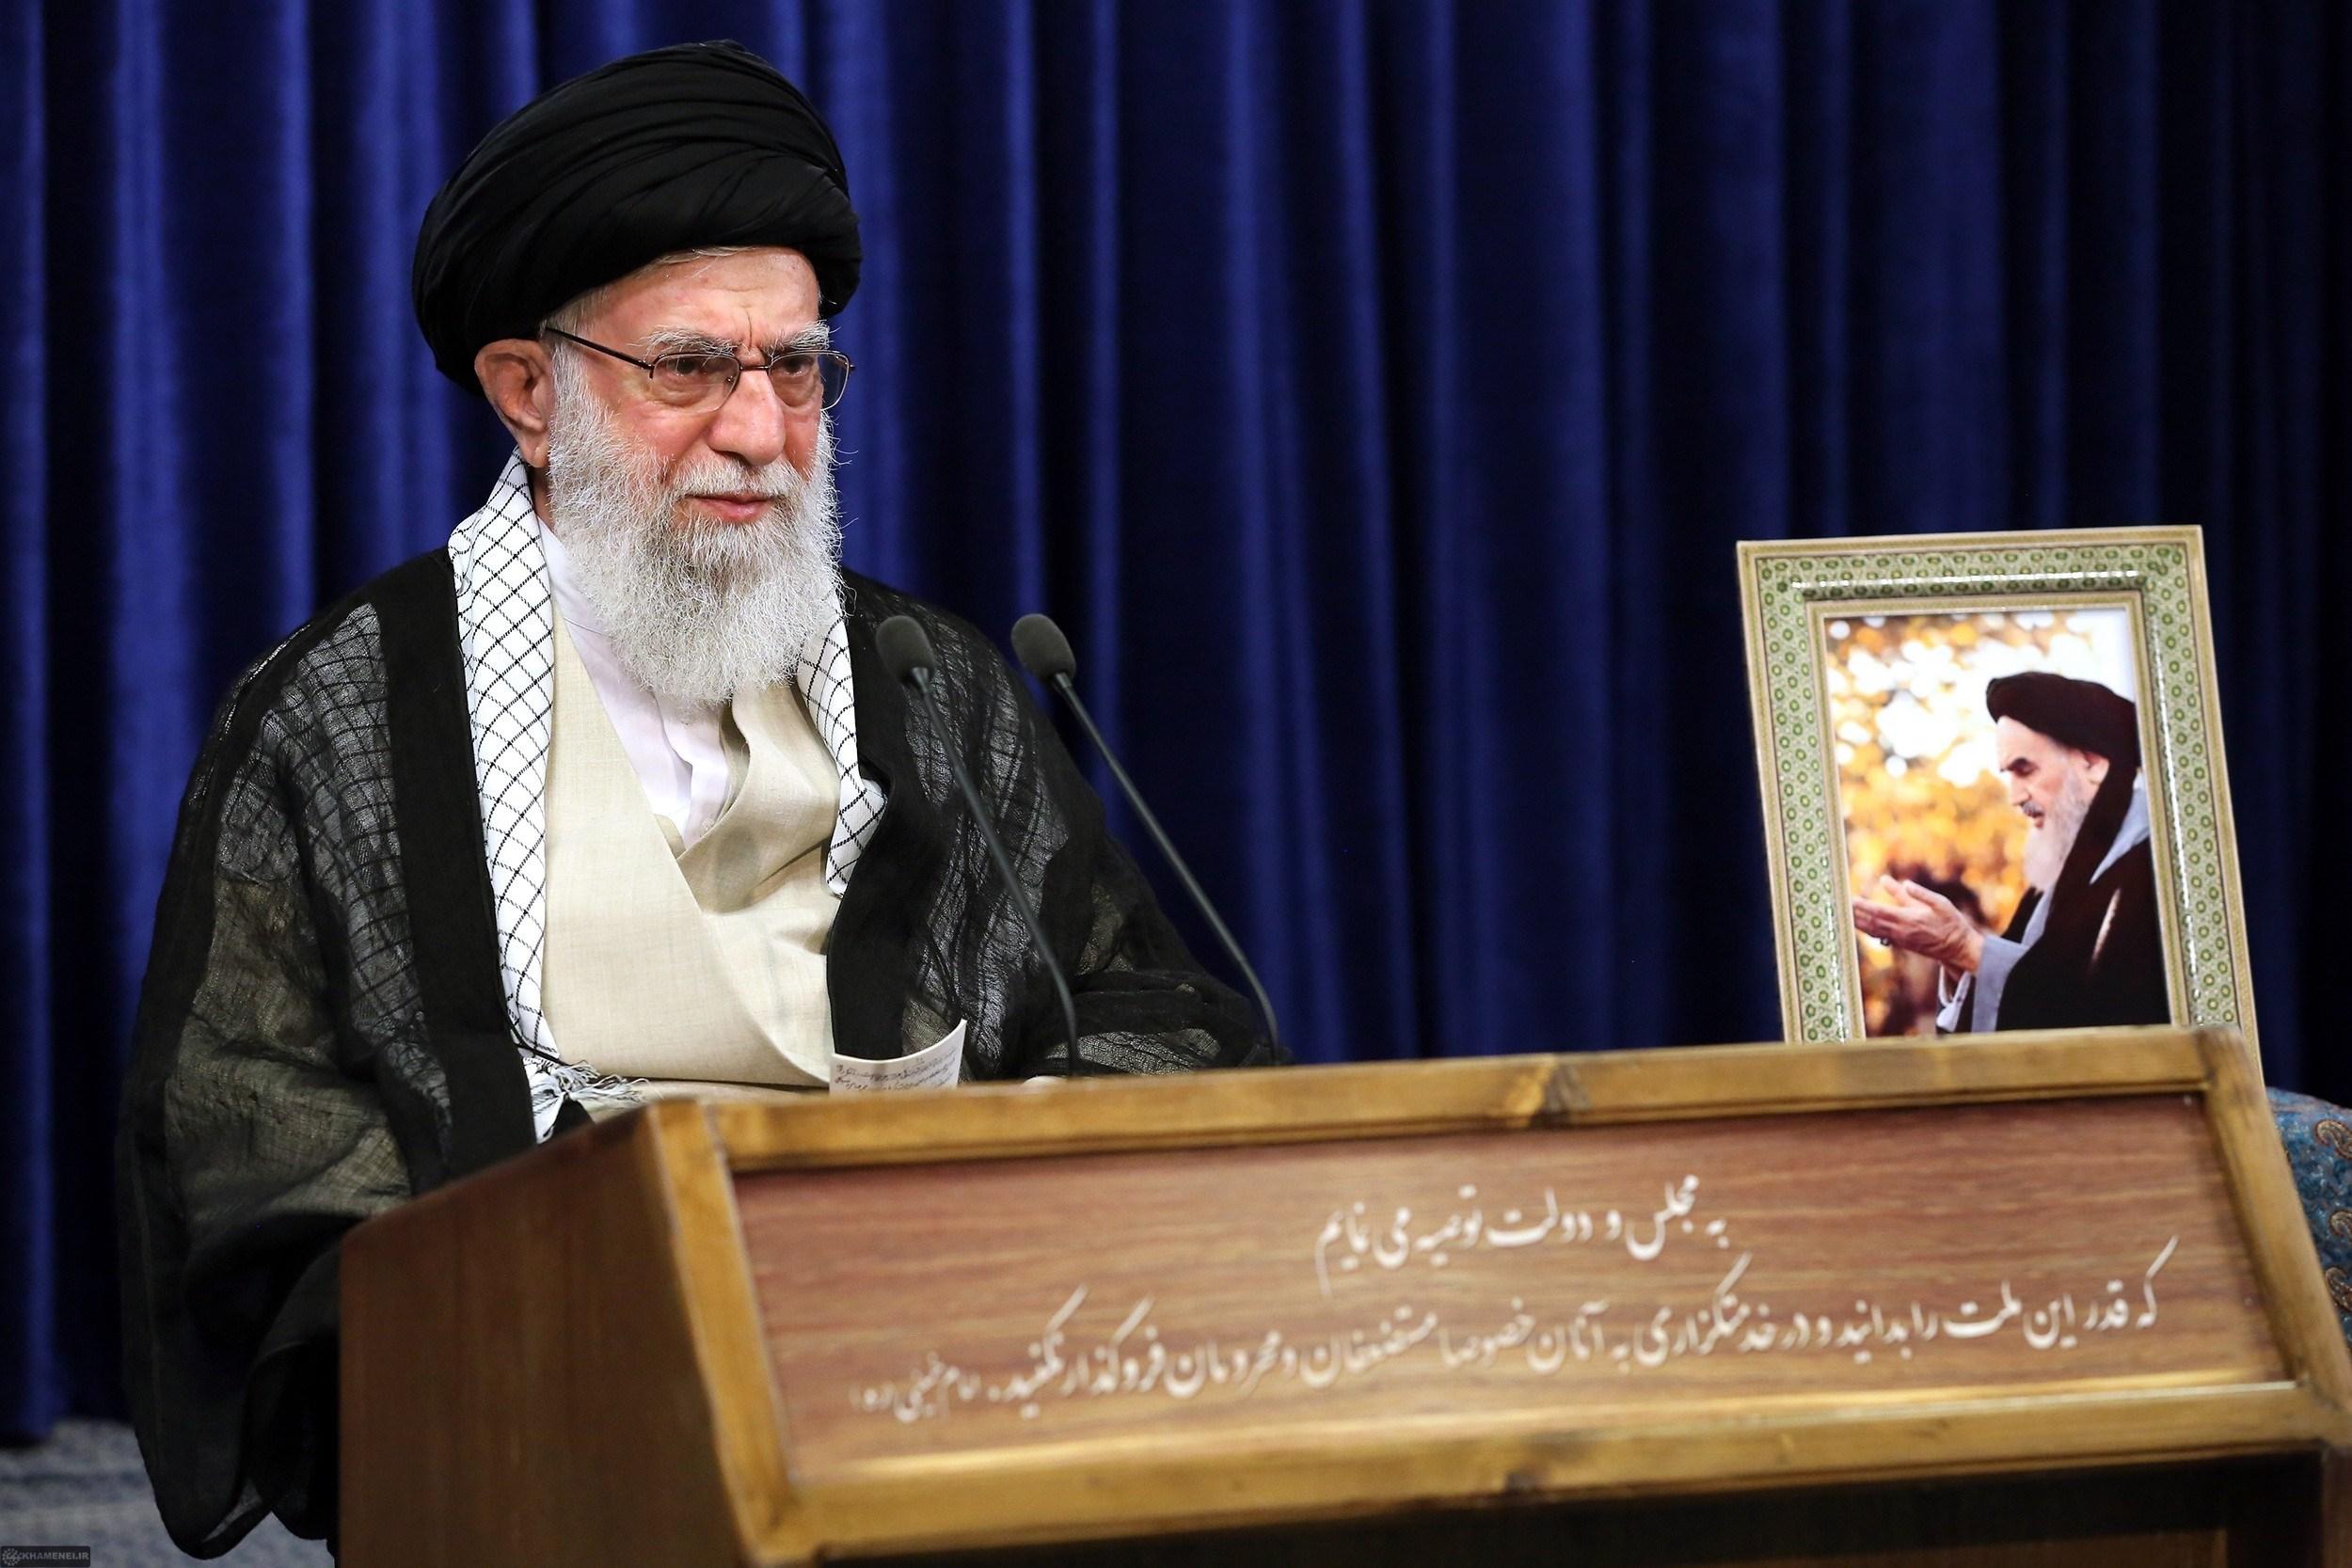 السيد خامنئي: تعامل أميركا مع فلويد تطبقه في سوريا وغيرها من البلدان